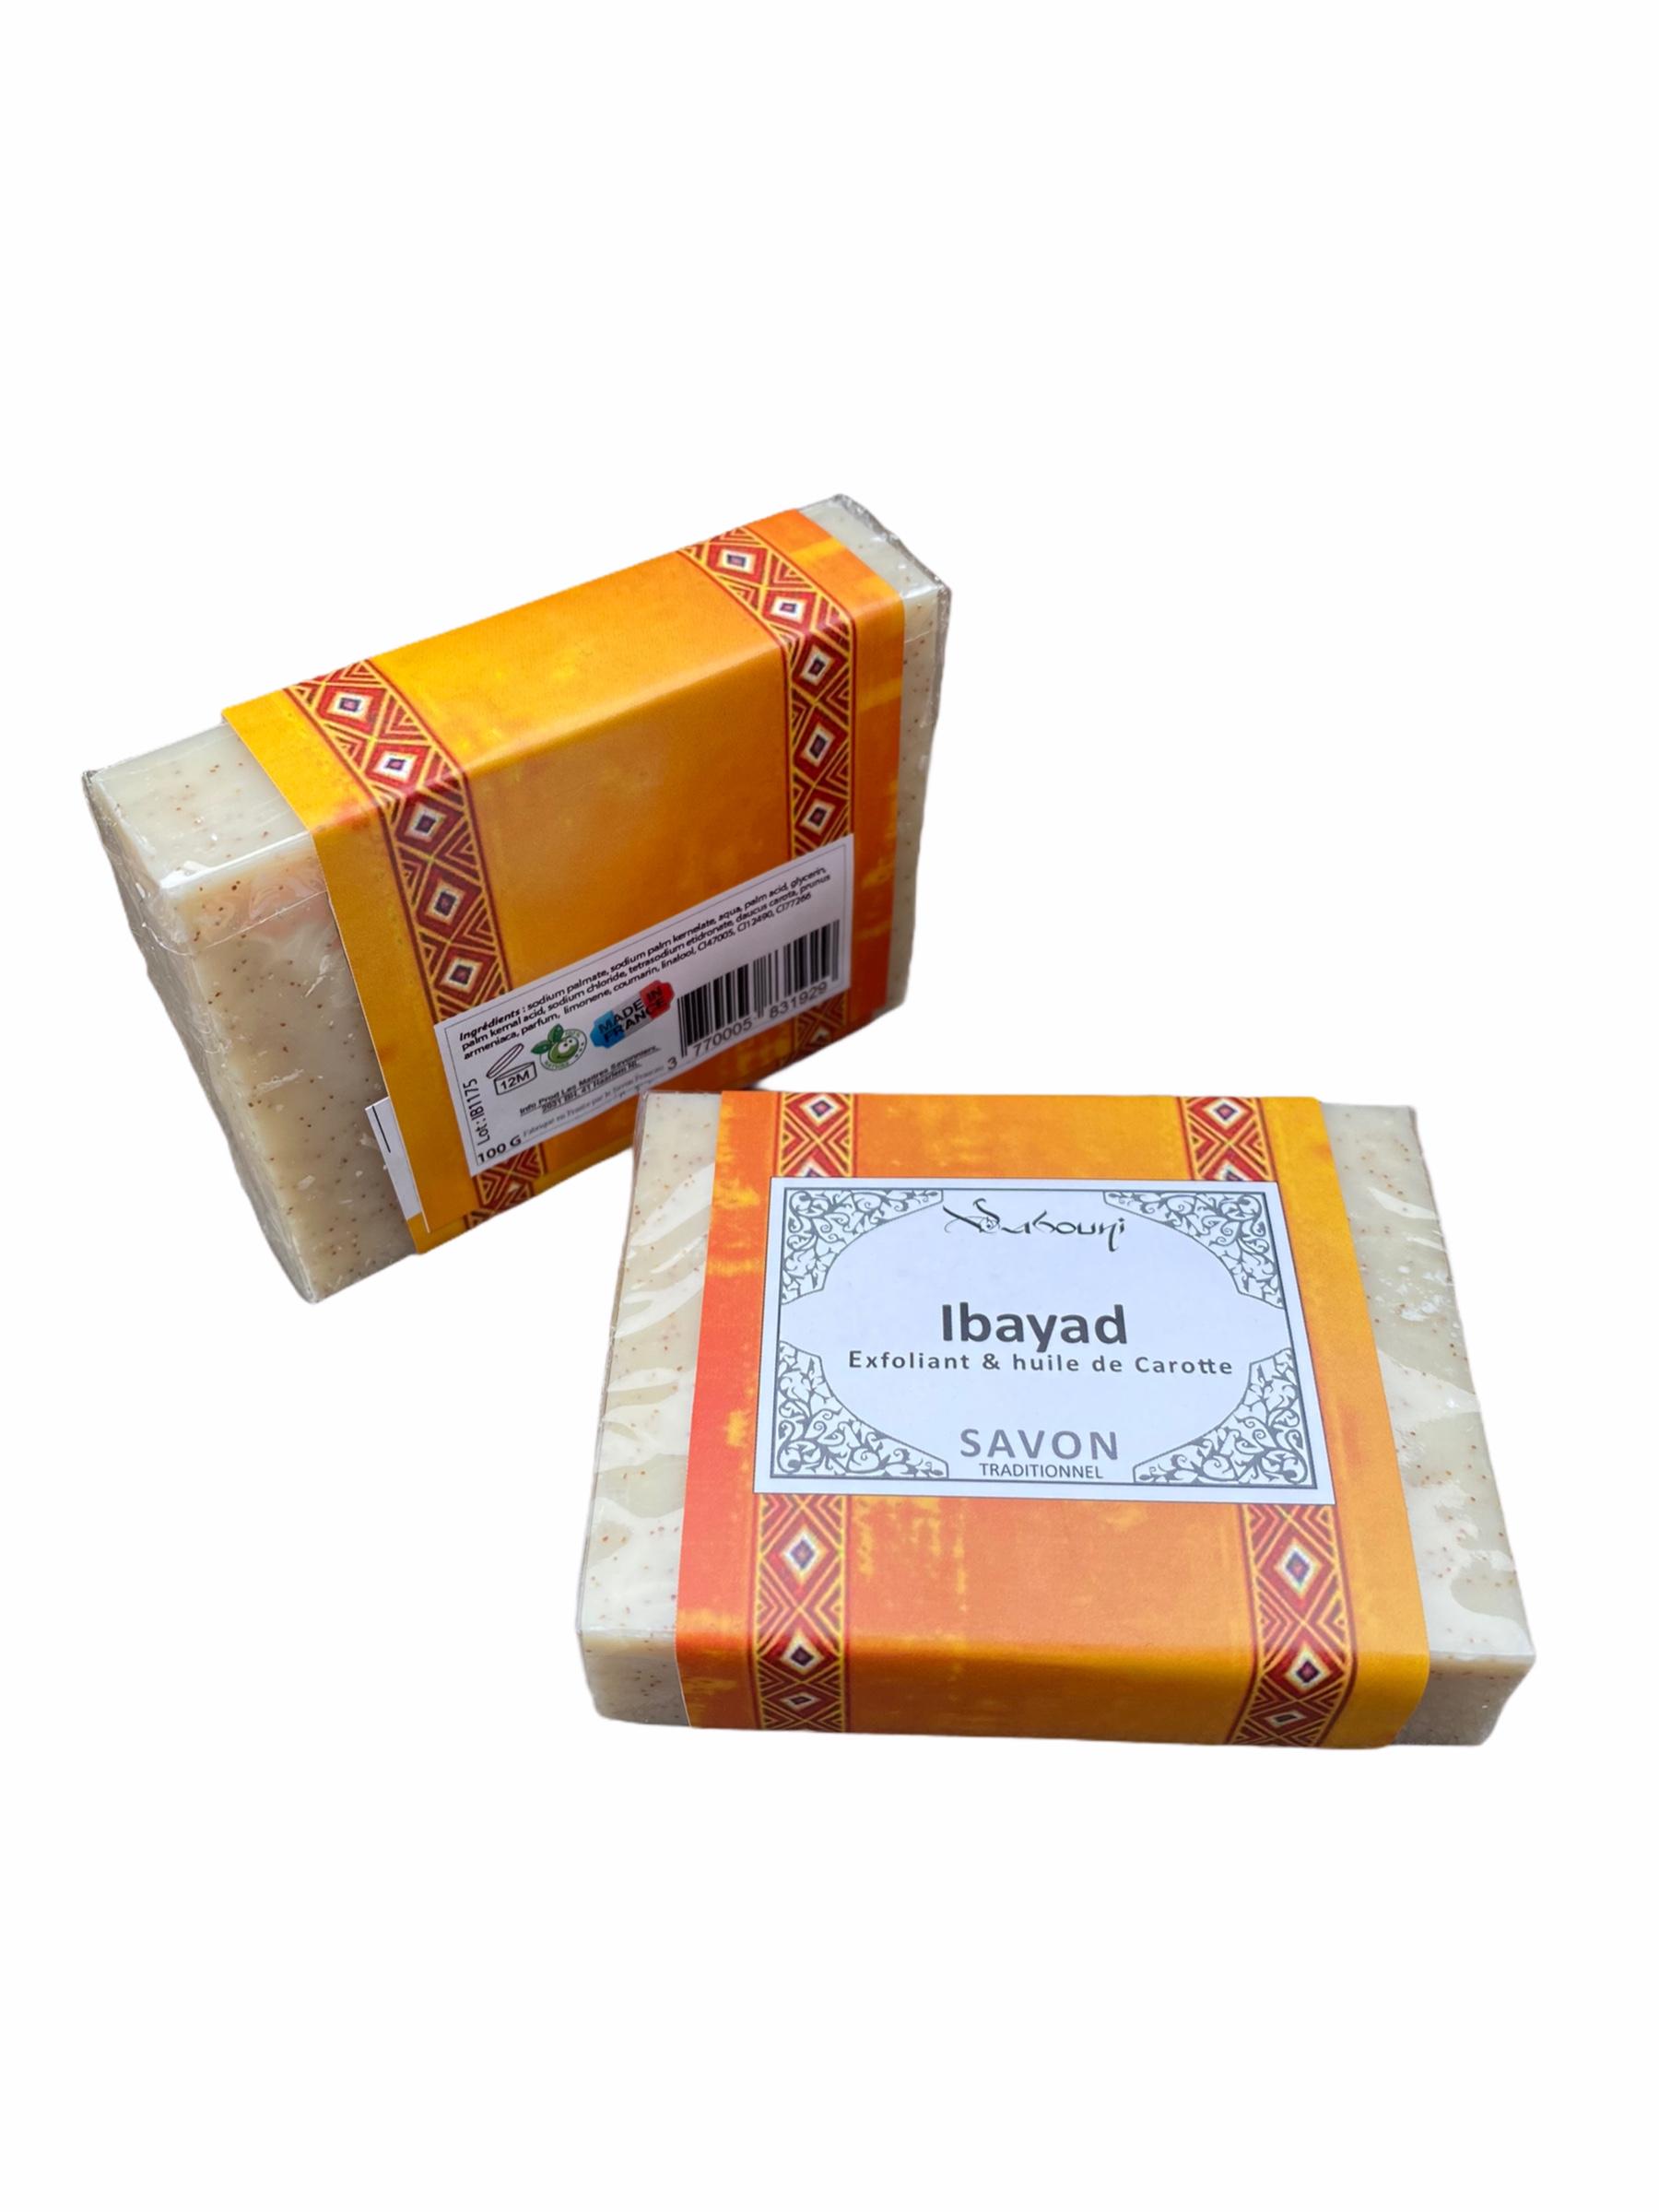 Savon Ibayad Exfoliant à l'huile de Carotte pour le corps et le visage est enrichi à l'huile de carotte qui favorise l'effet bonne mine